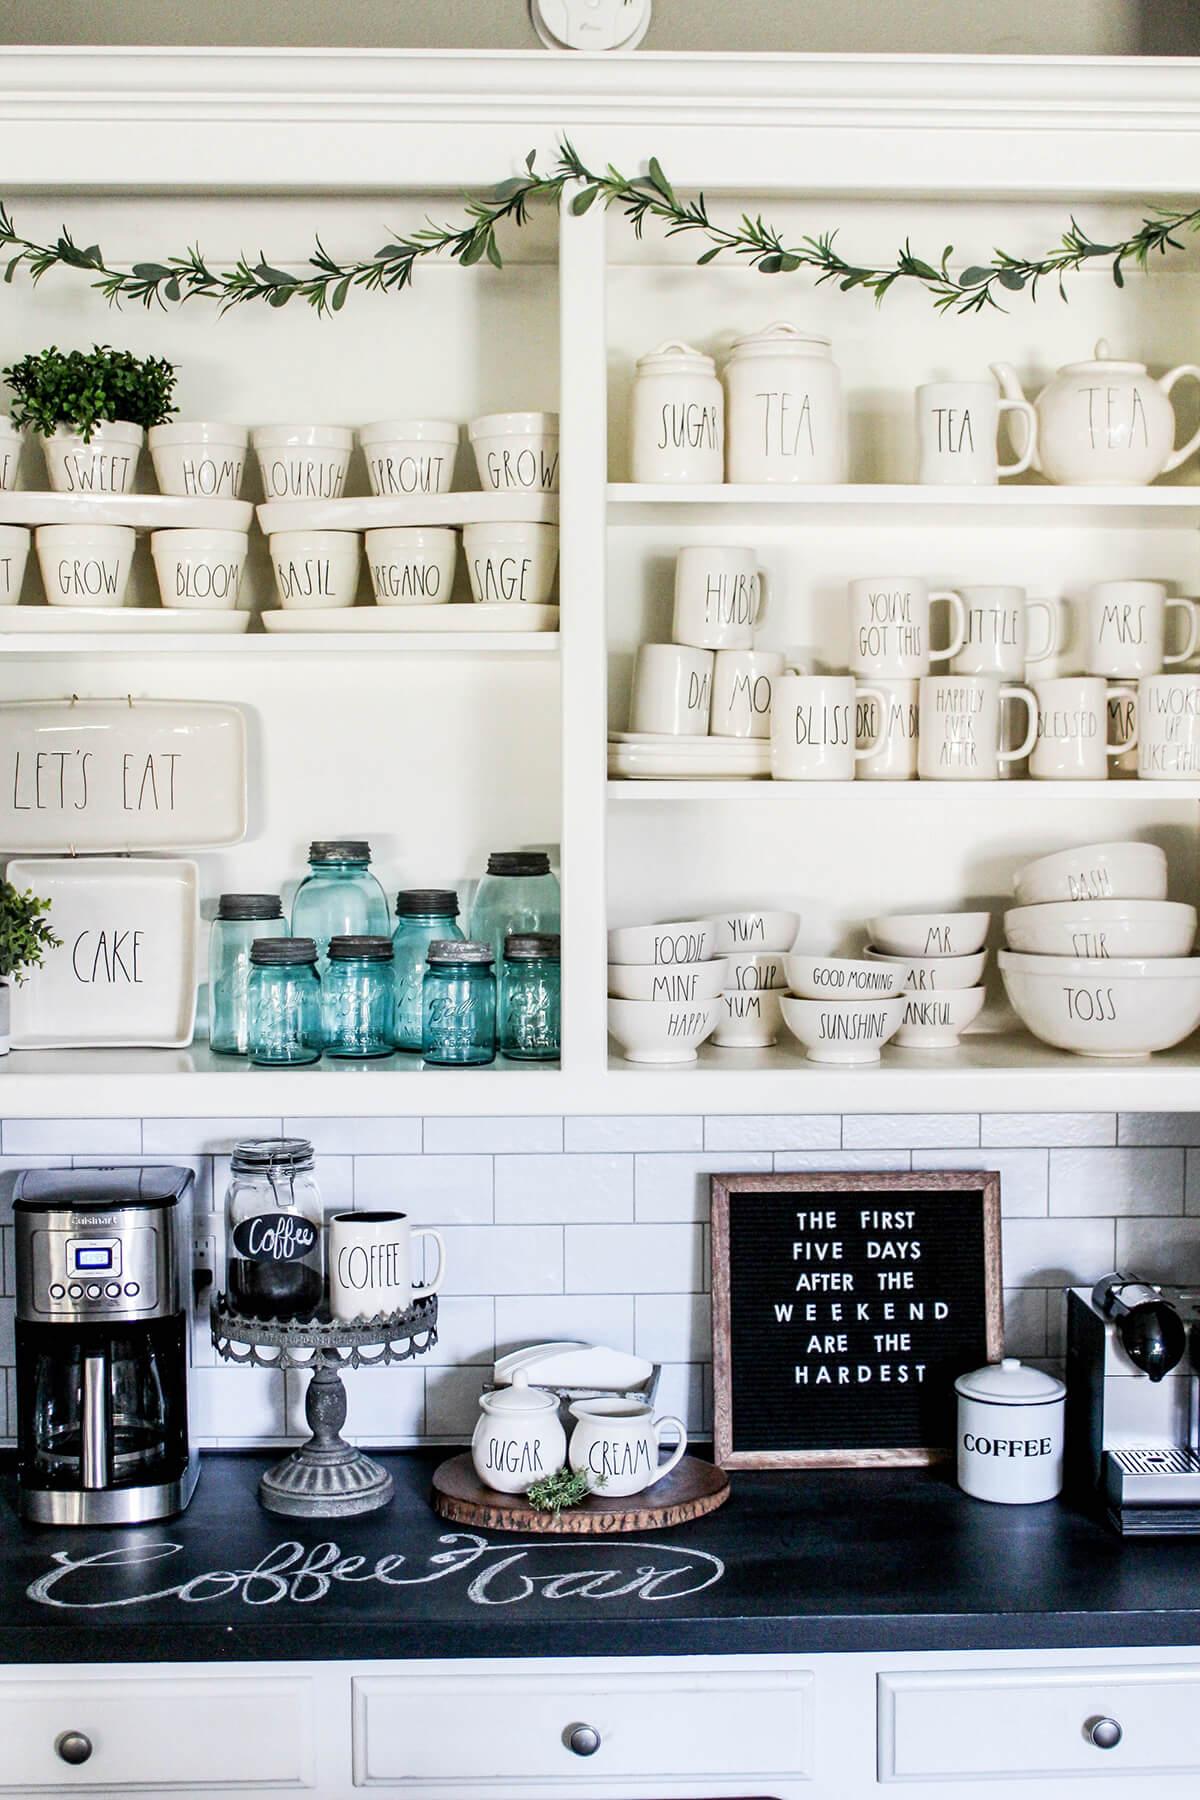 Кофе-бар: идеи создания кофейной станции дома фото 1